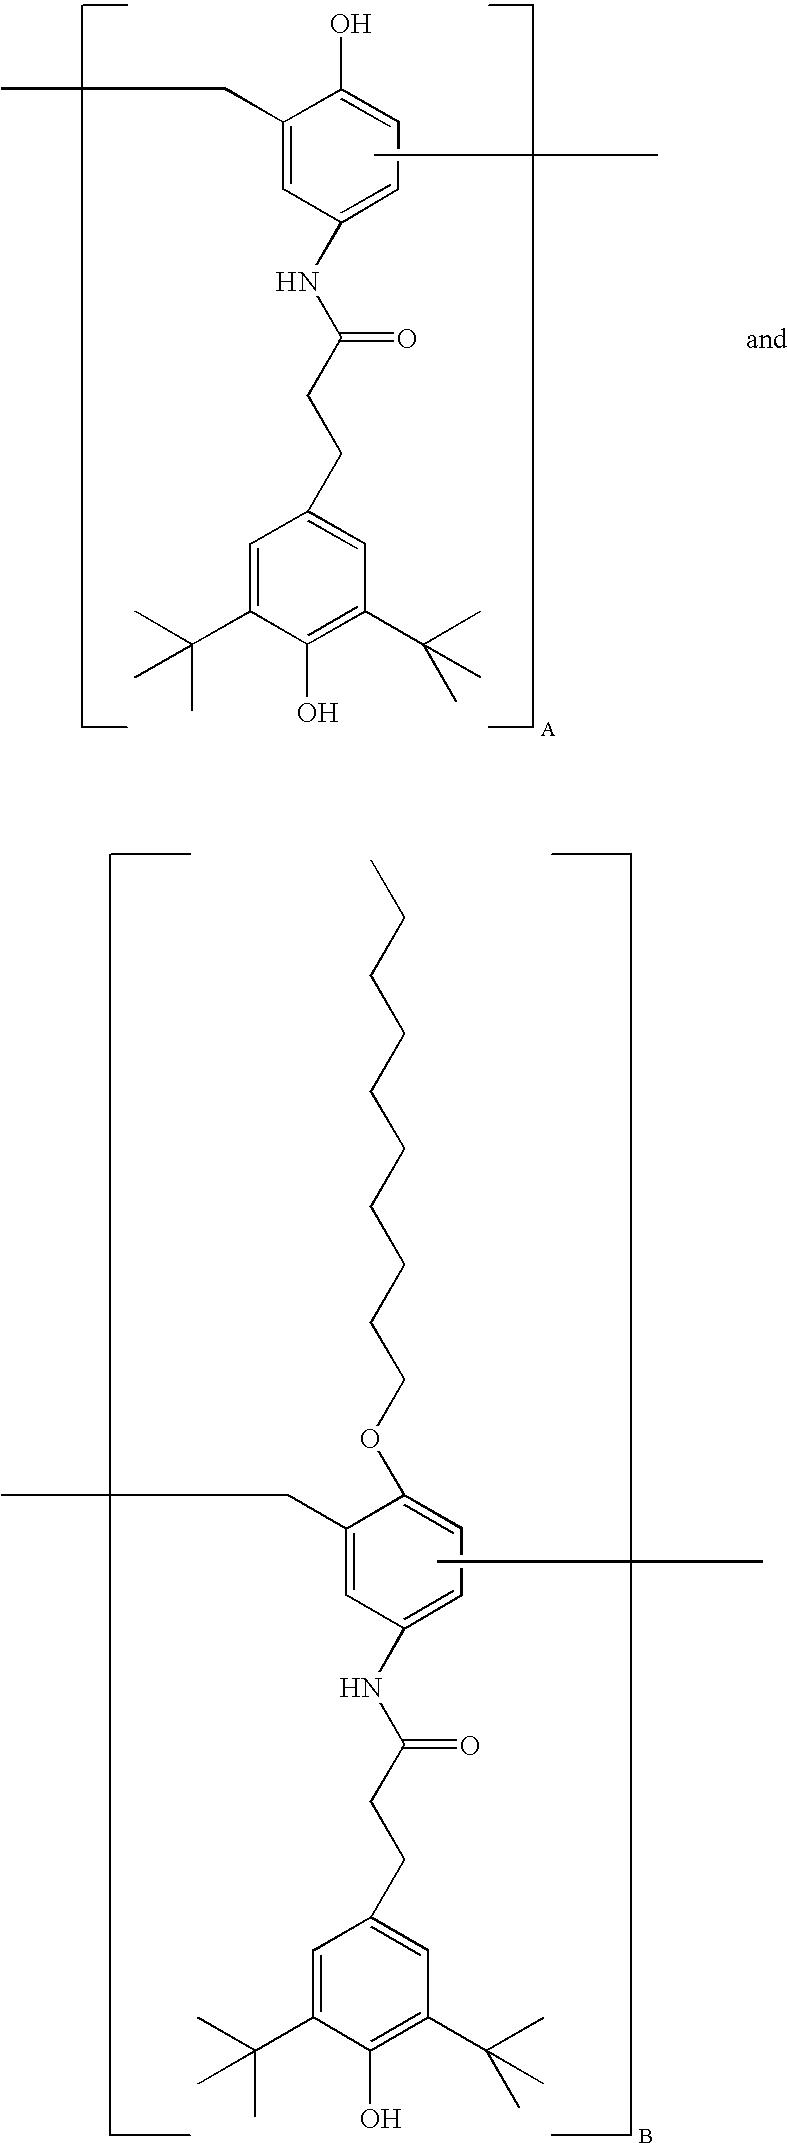 Figure US20060233741A1-20061019-C00080